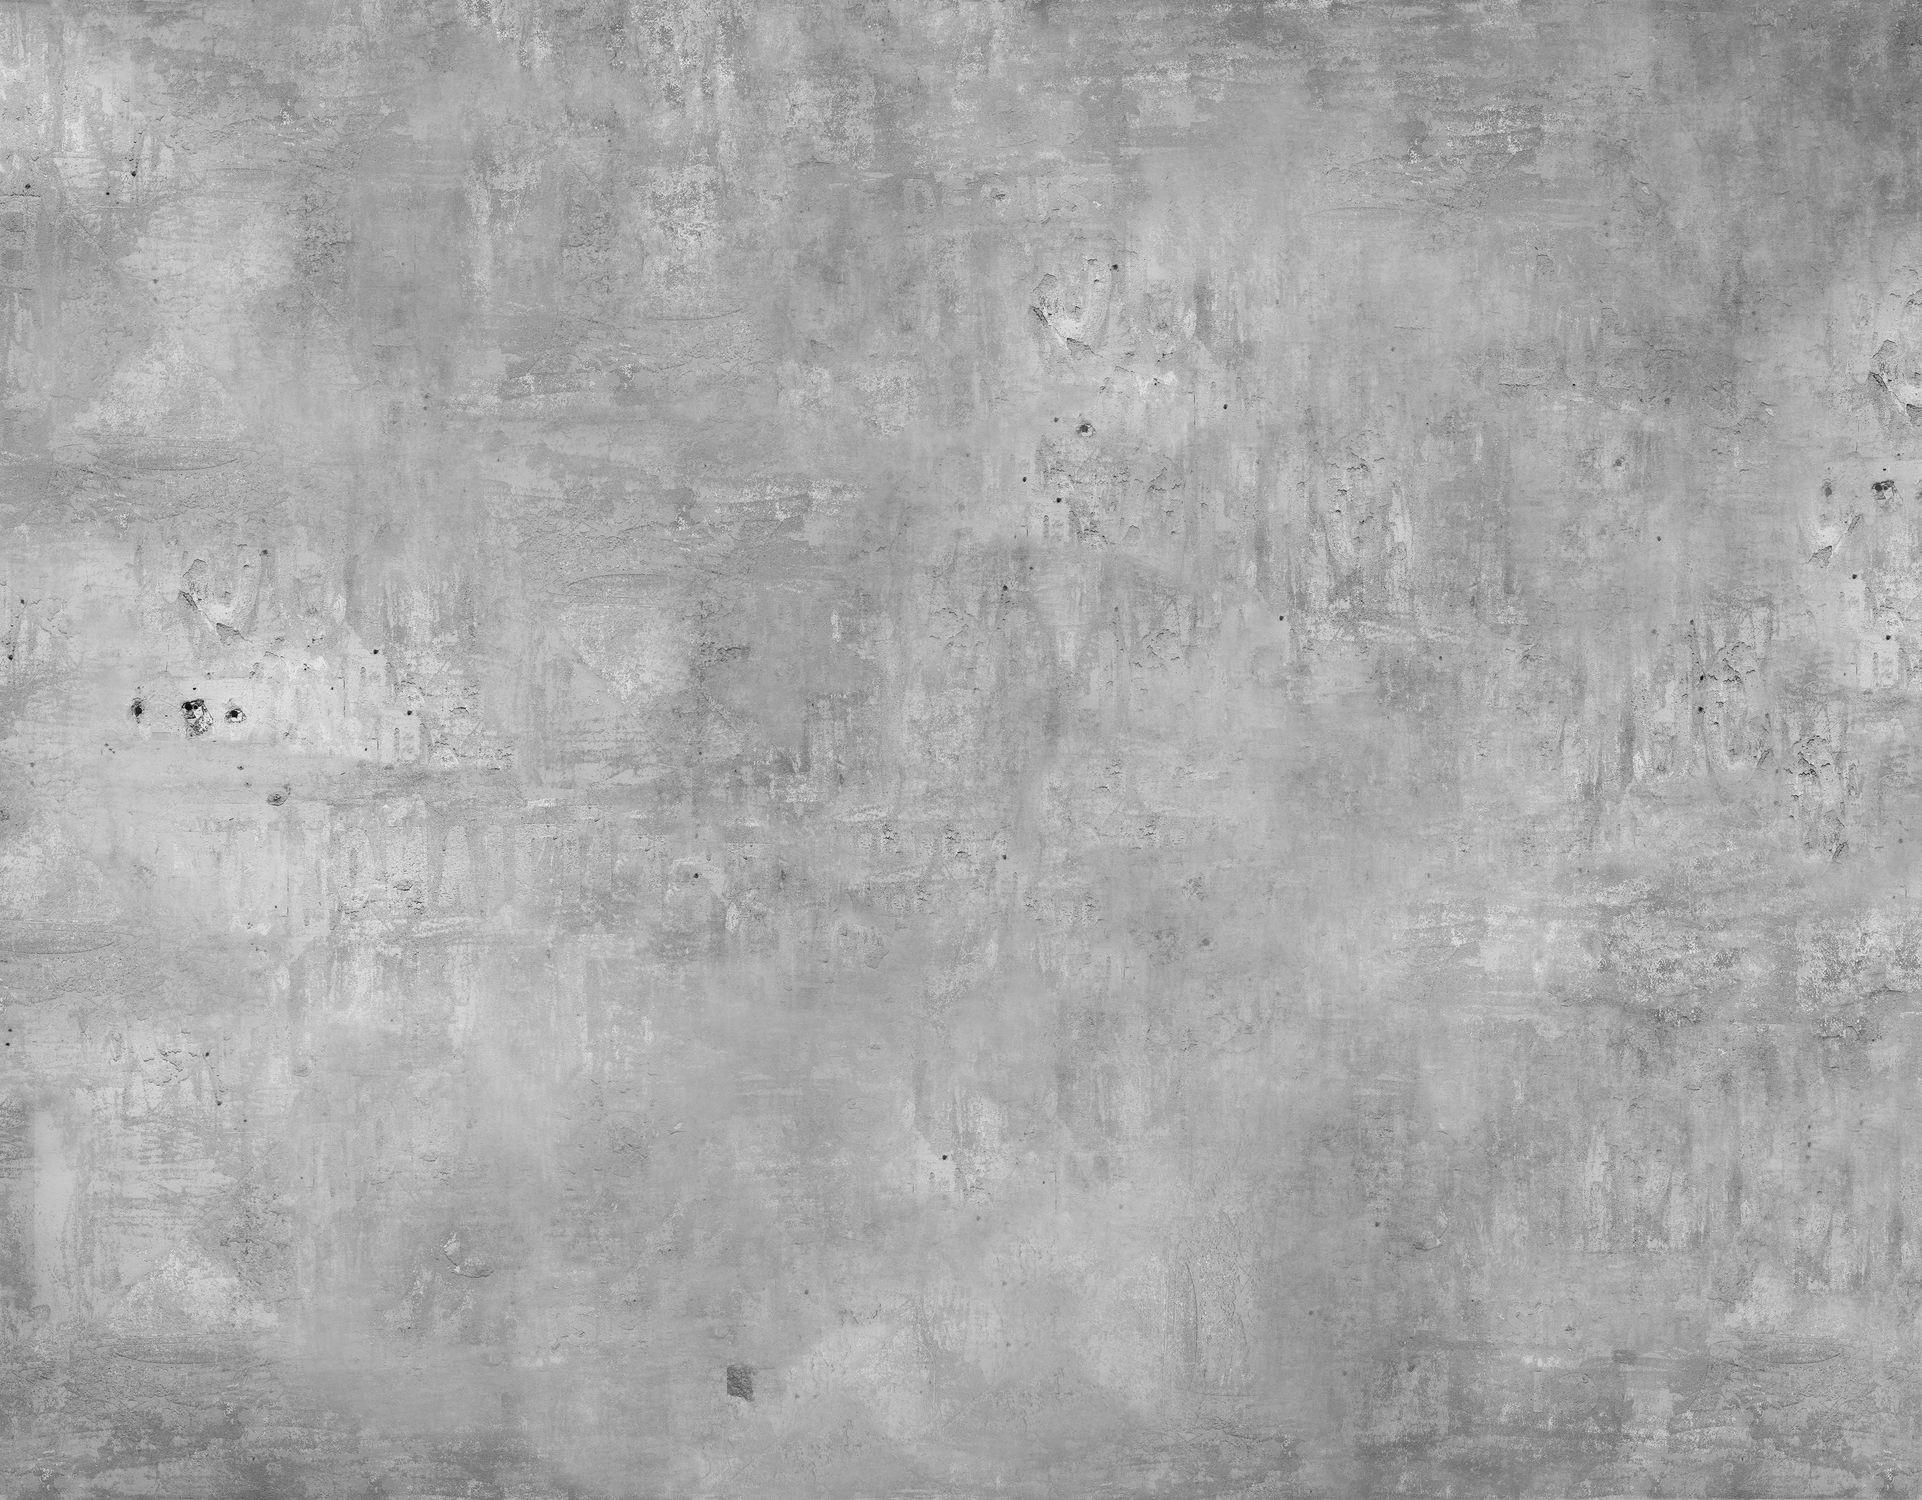 Urban Camo Wallpaper 183 ① Wallpapertag